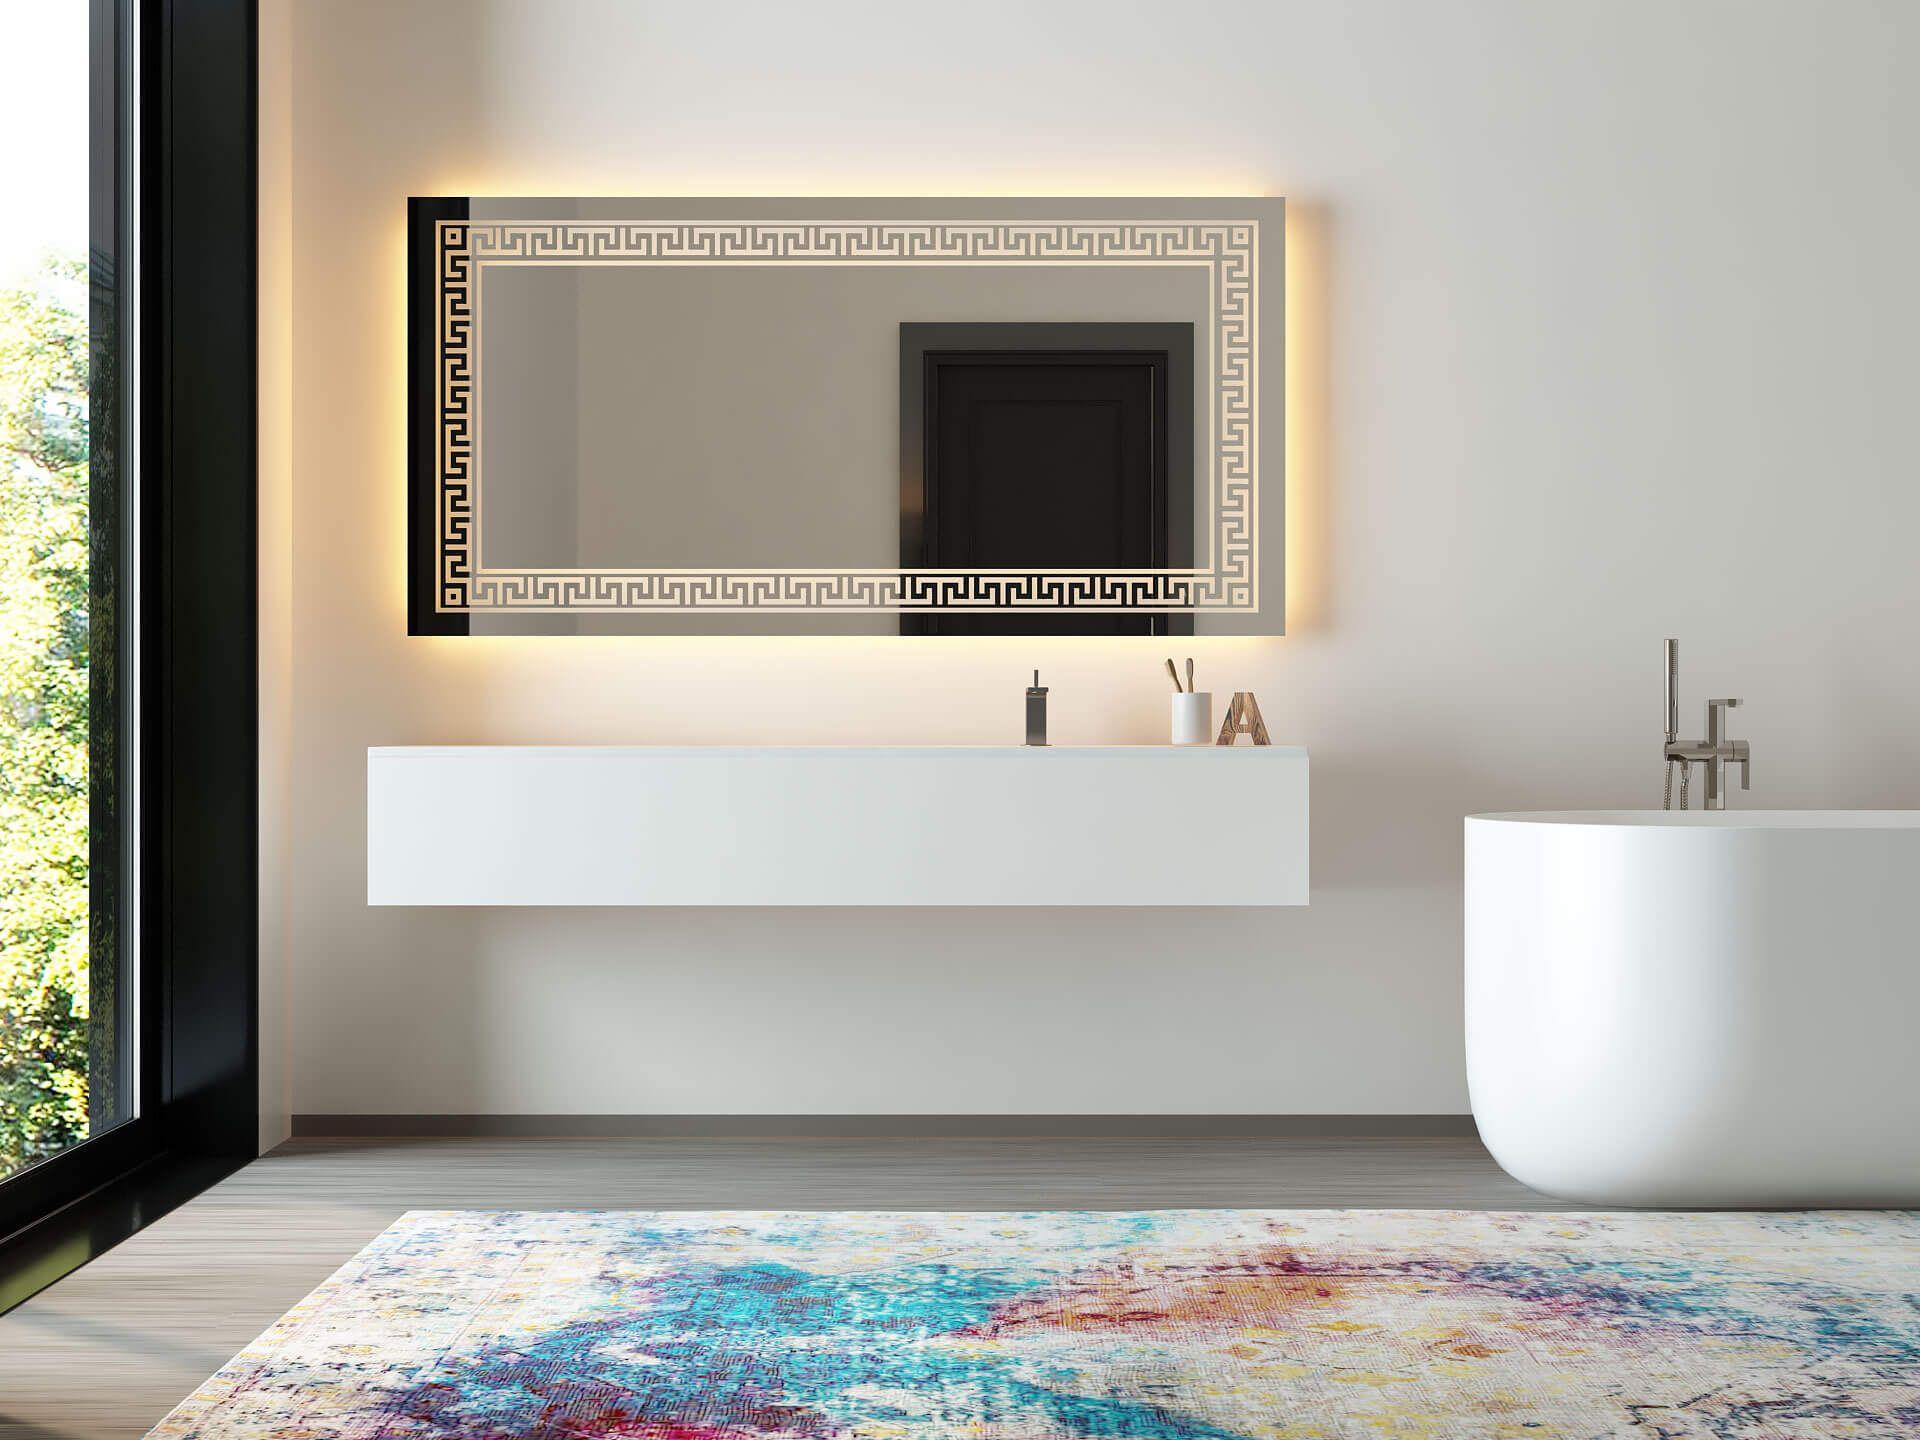 Pin Von Spiegelshop24 Auf Badspiegel Mit Beleuchtung In 2019